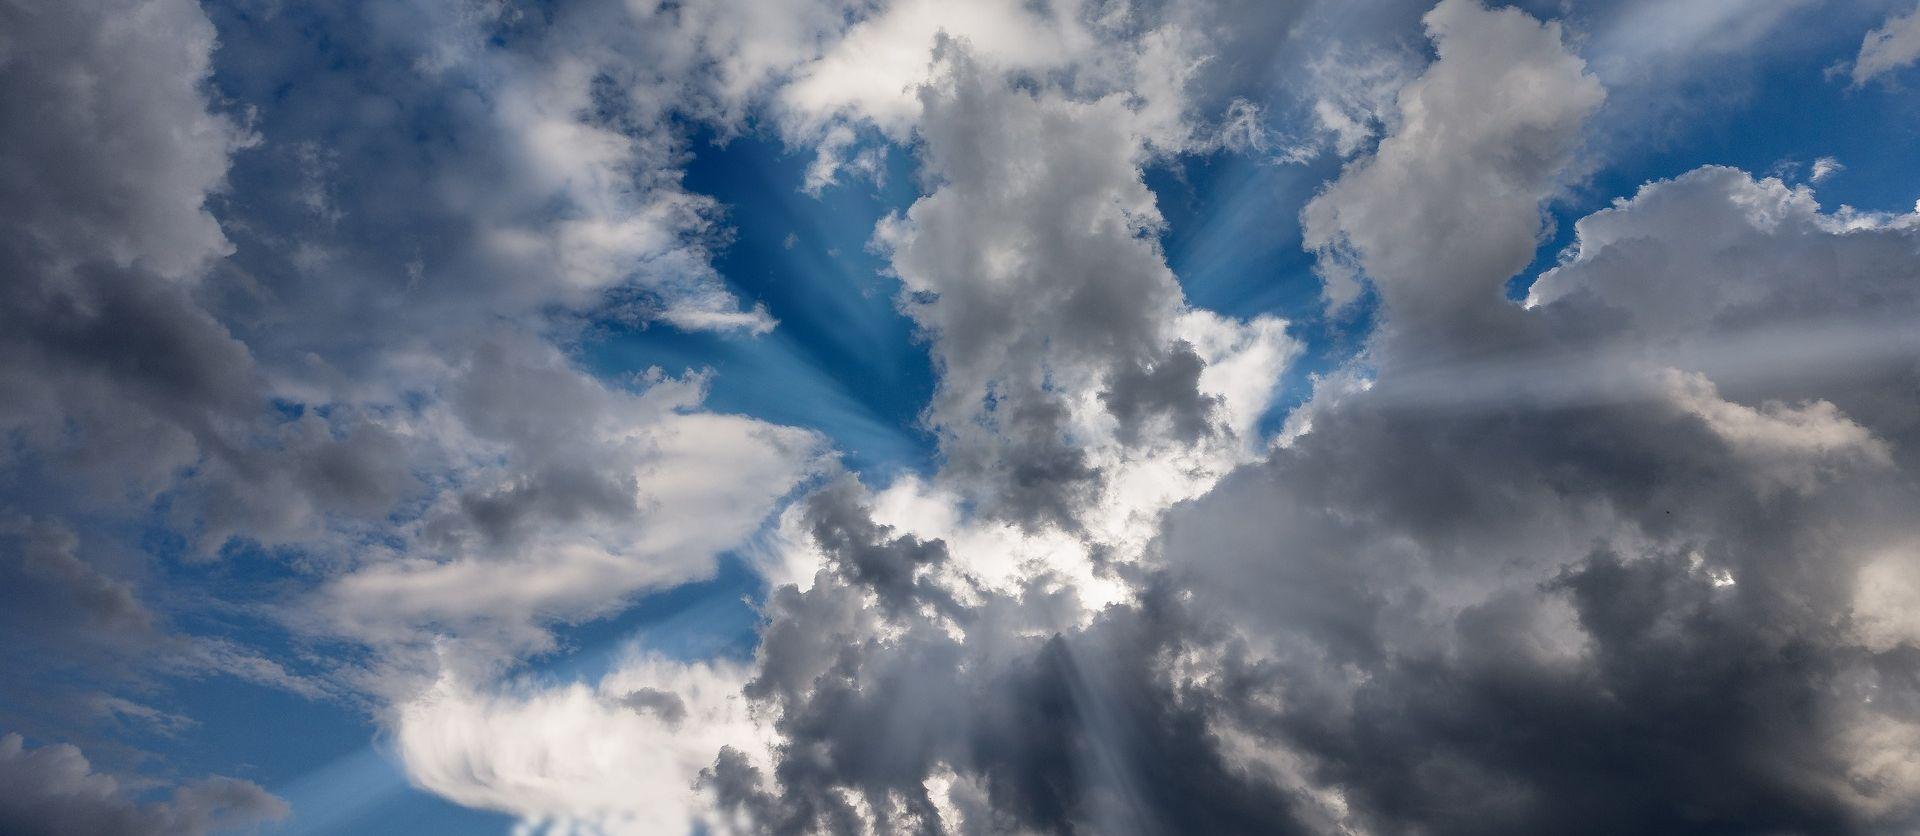 Na Jadranu sunčano, u unutrašnjosti oblačno, poslijepodne razvedravanje